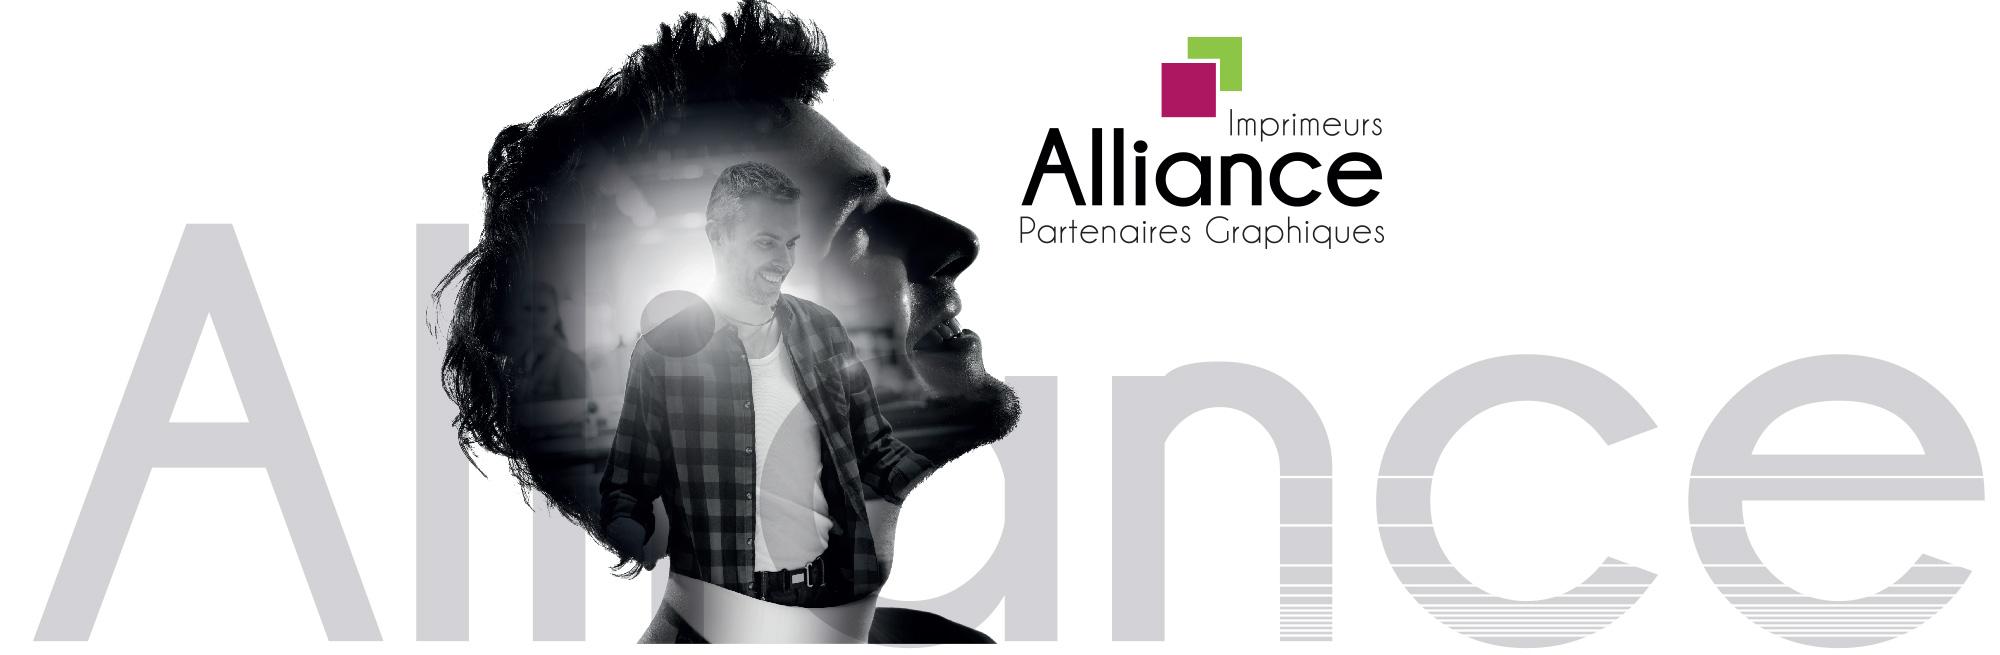 Alliance Partenaires Graphiques, imprimerie offset, numérique, grand format dans l'Aisne et la Marne